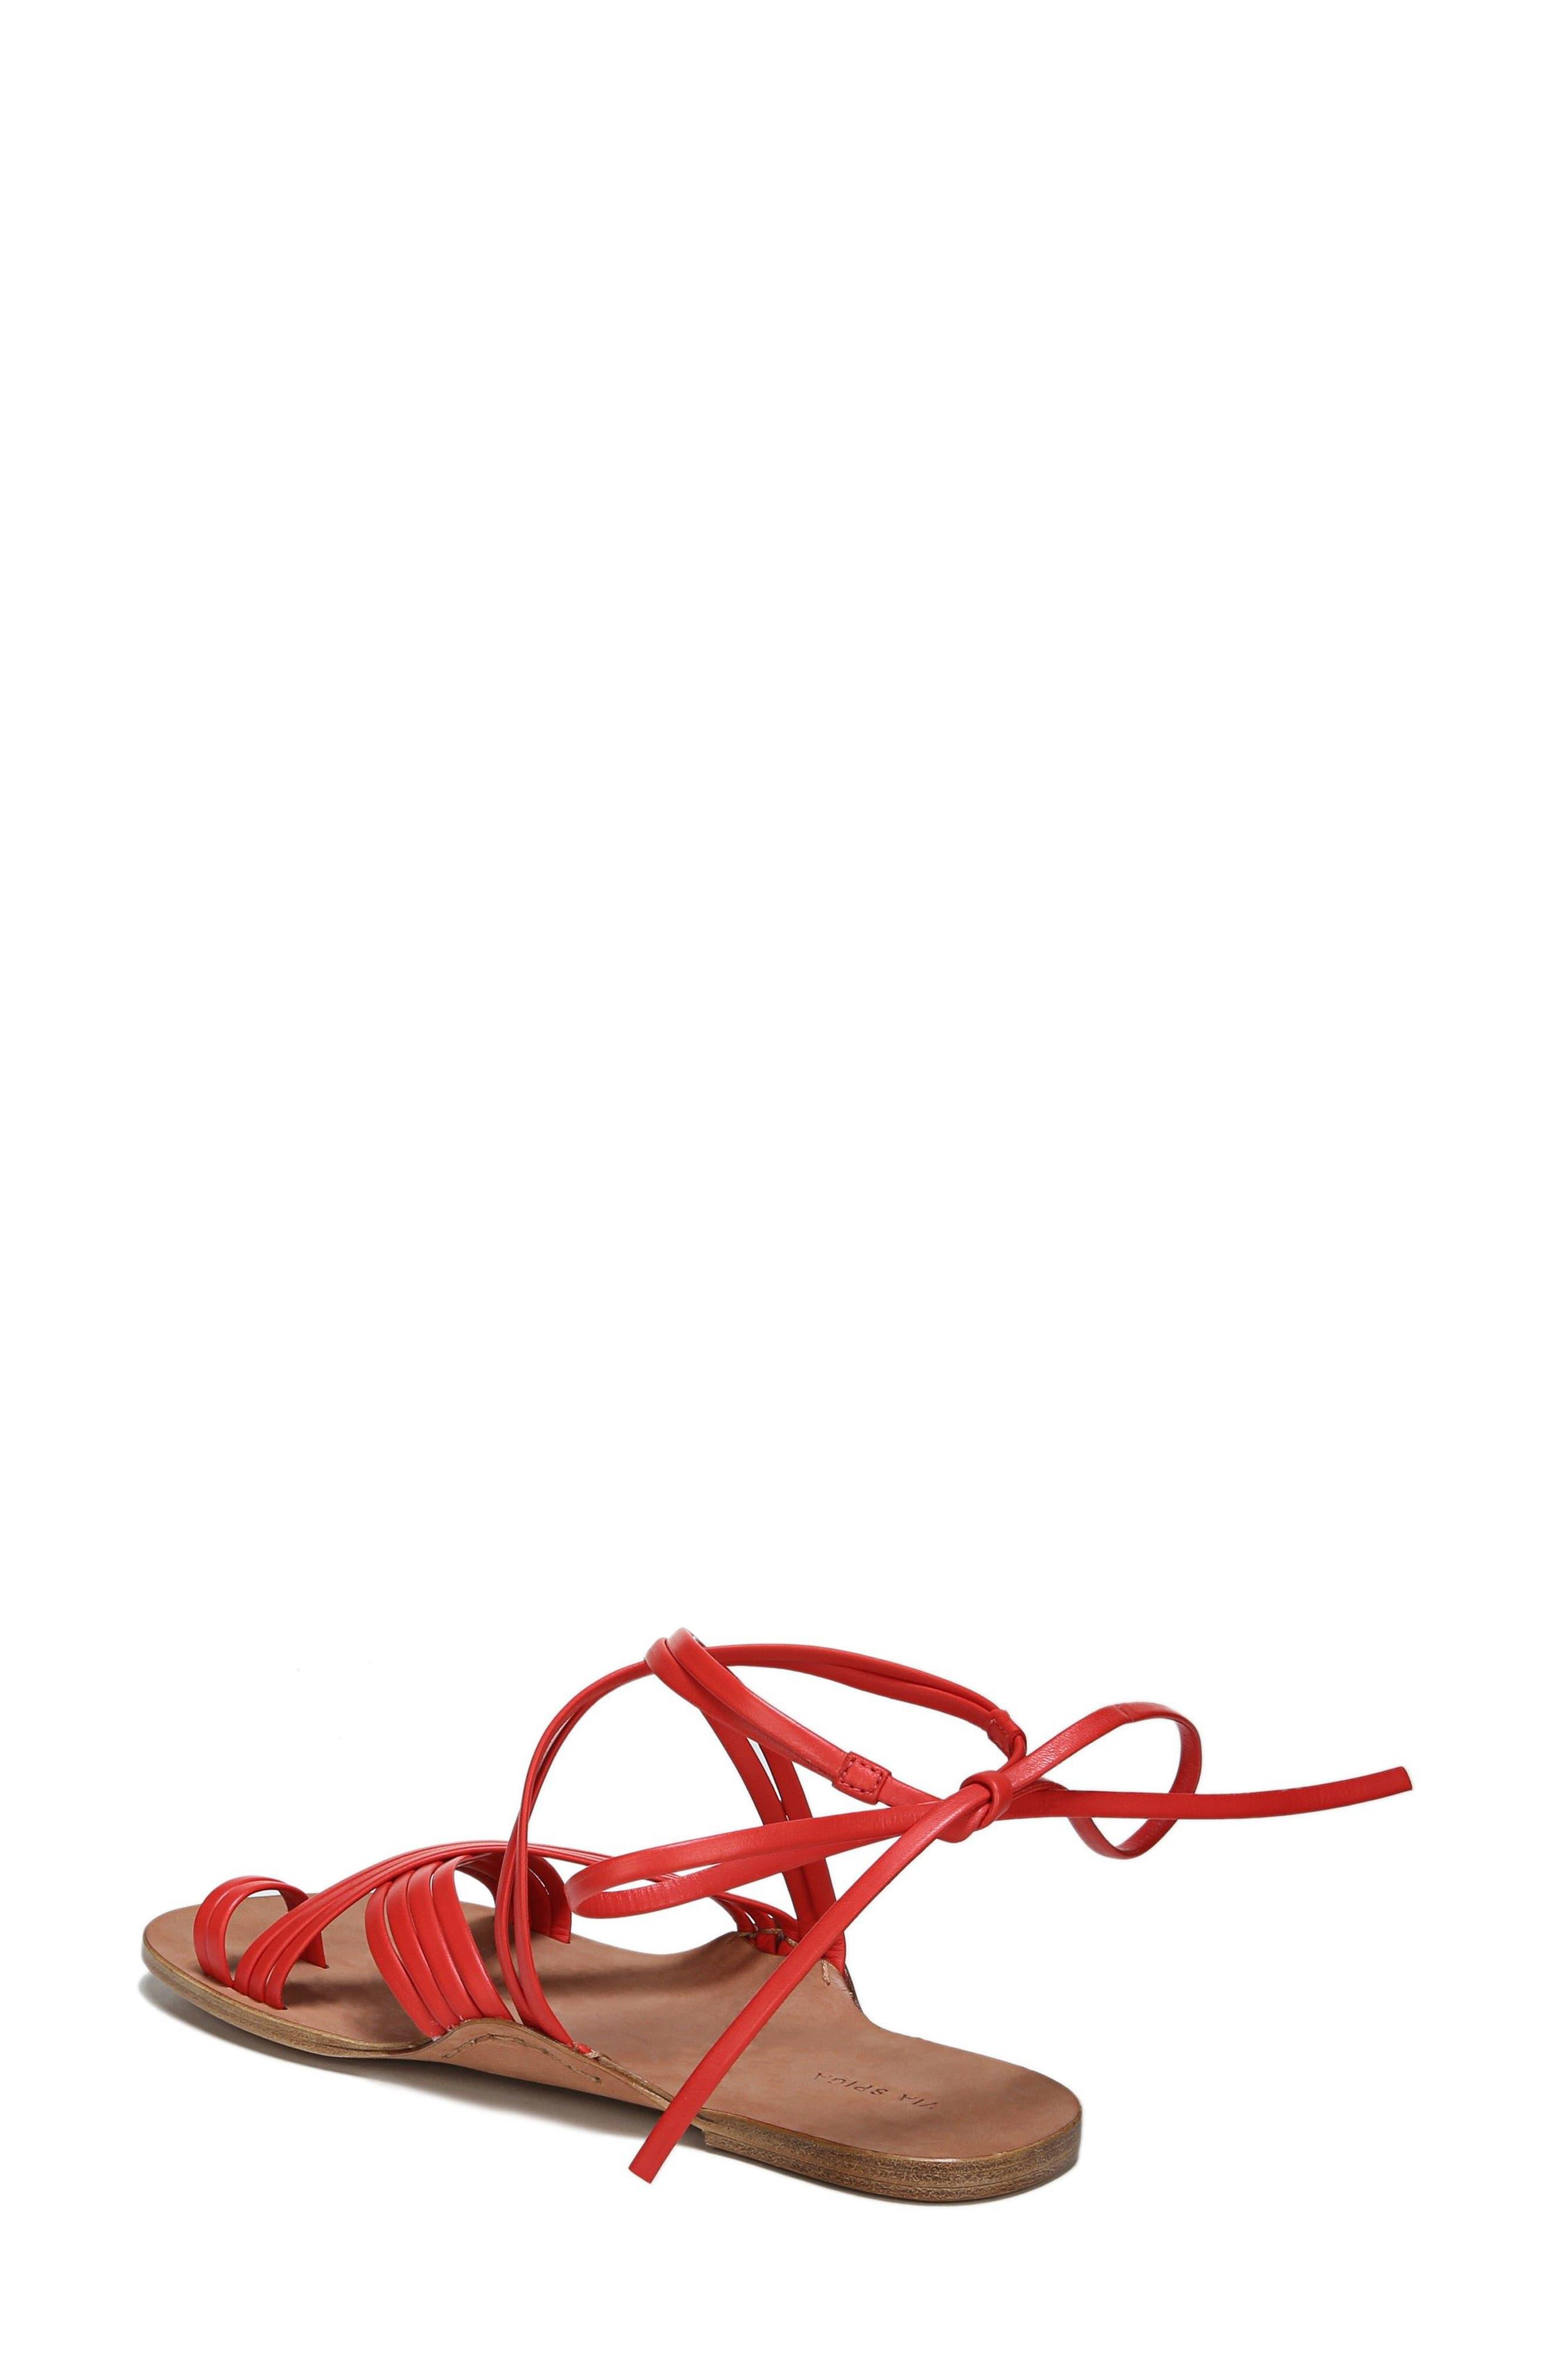 Allegra Sandal,                             Alternate thumbnail 2, color,                             Poppy Red Leather